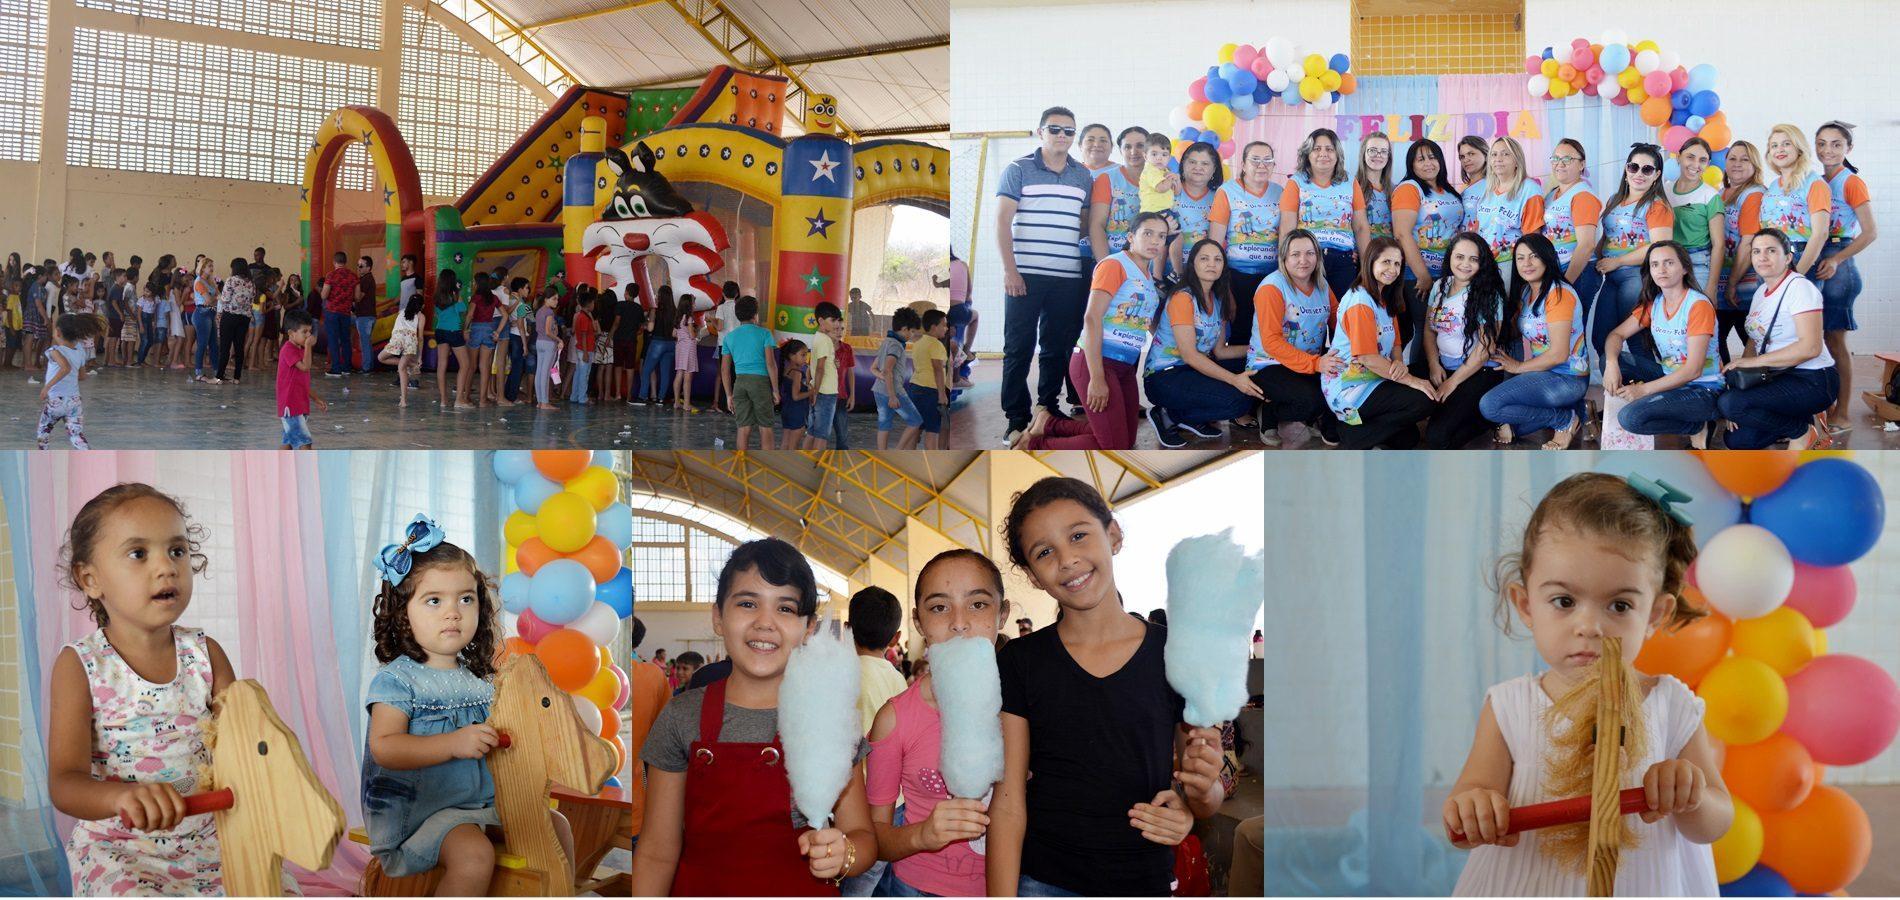 Prefeitura de Belém do Piauí promove evento em comemoração ao Dia das Crianças